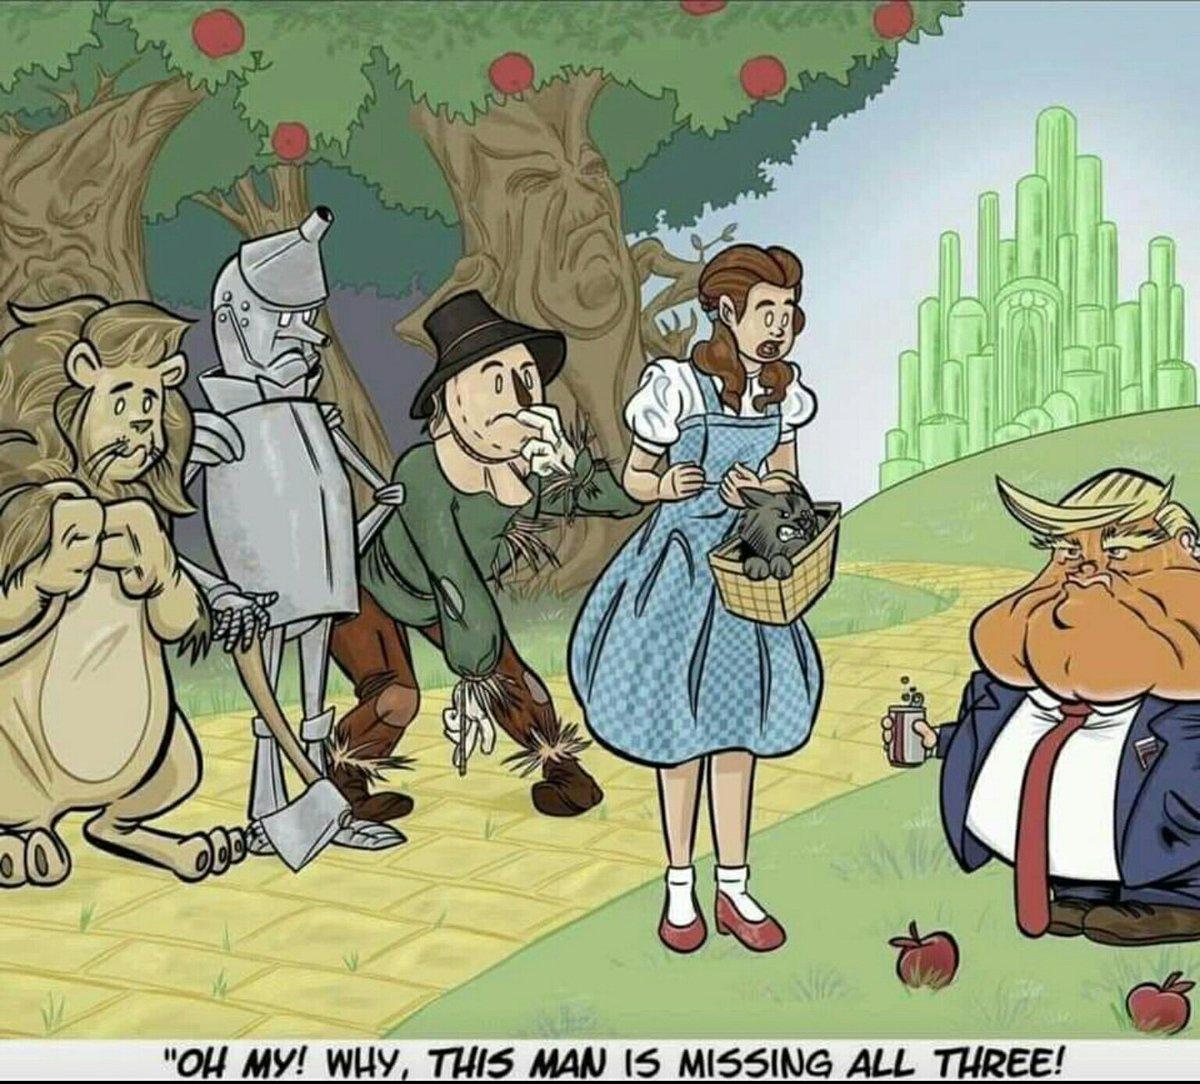 @KLoeffler @realDonaldTrump @JoeBiden You arent very intelligent, are you?